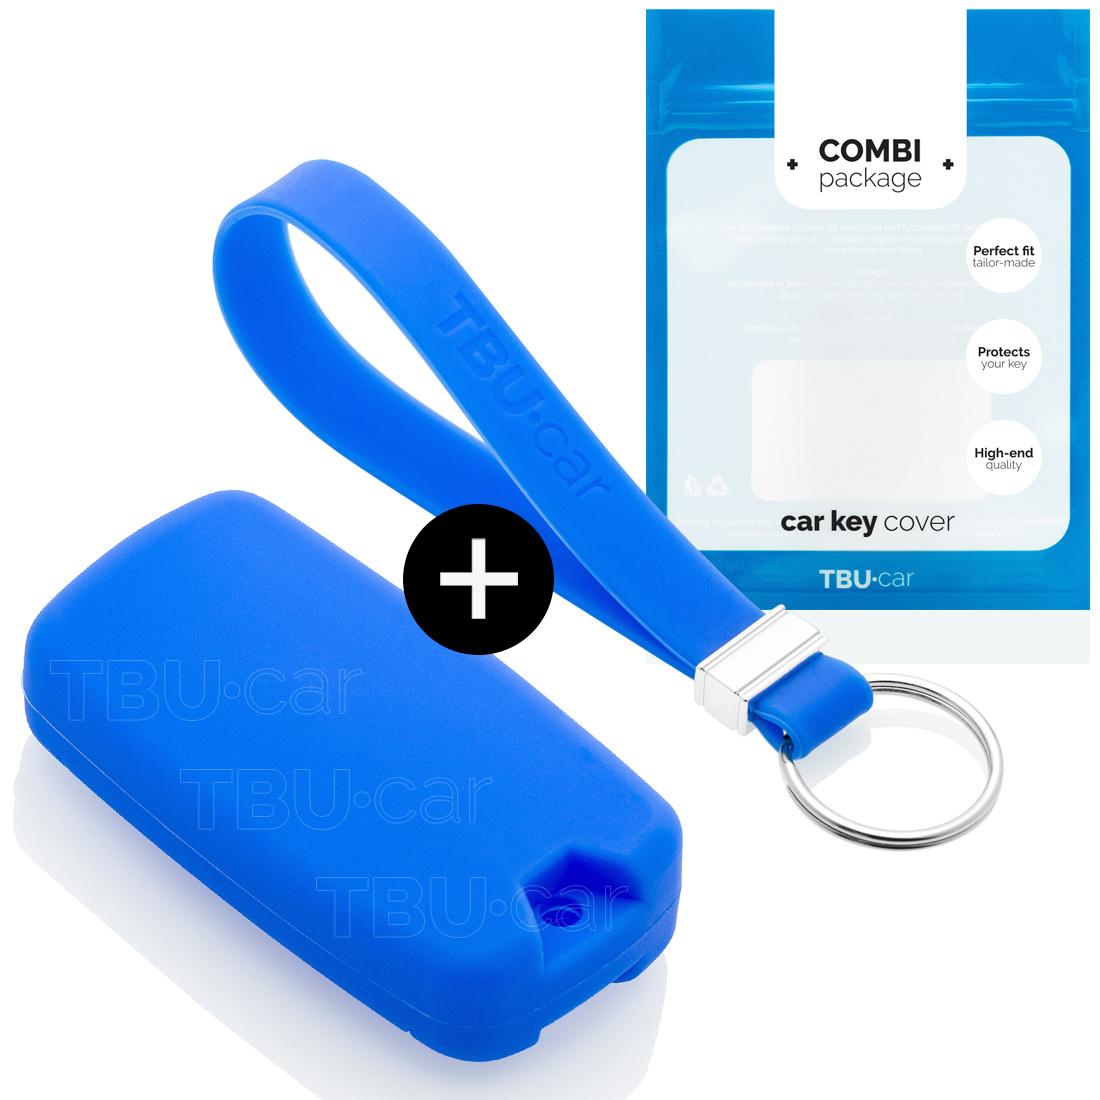 TBU car Autoschlüssel Hülle für Jeep 4 Tasten - Schutzhülle aus Silikon - Auto Schlüsselhülle Cover in Blau